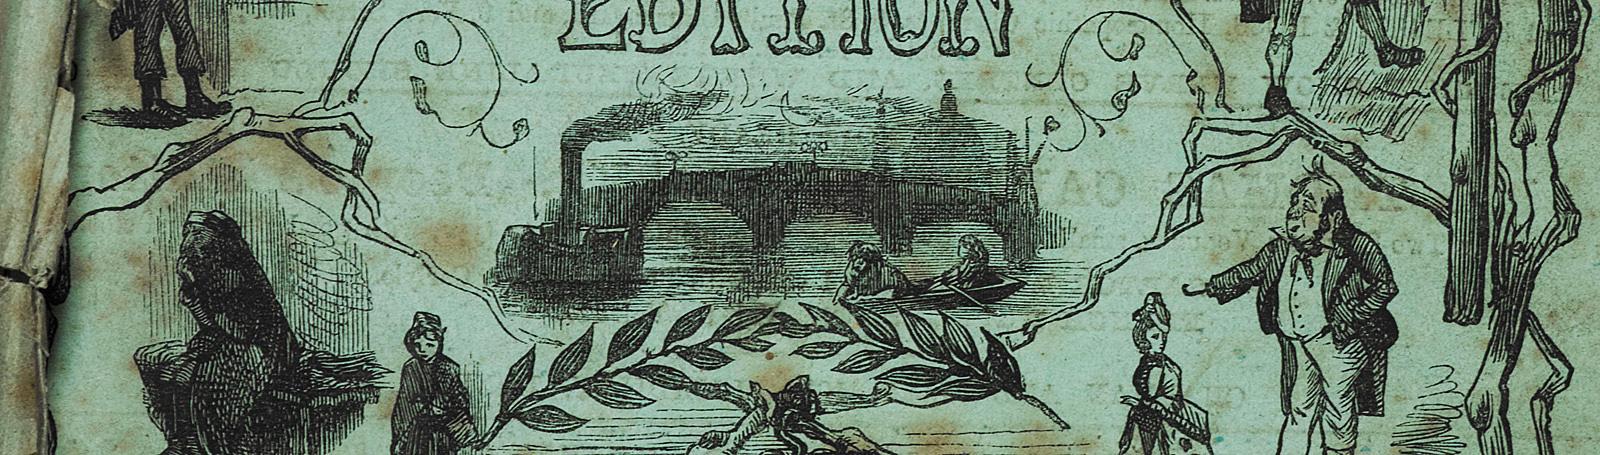 The novel 1832 - 1880